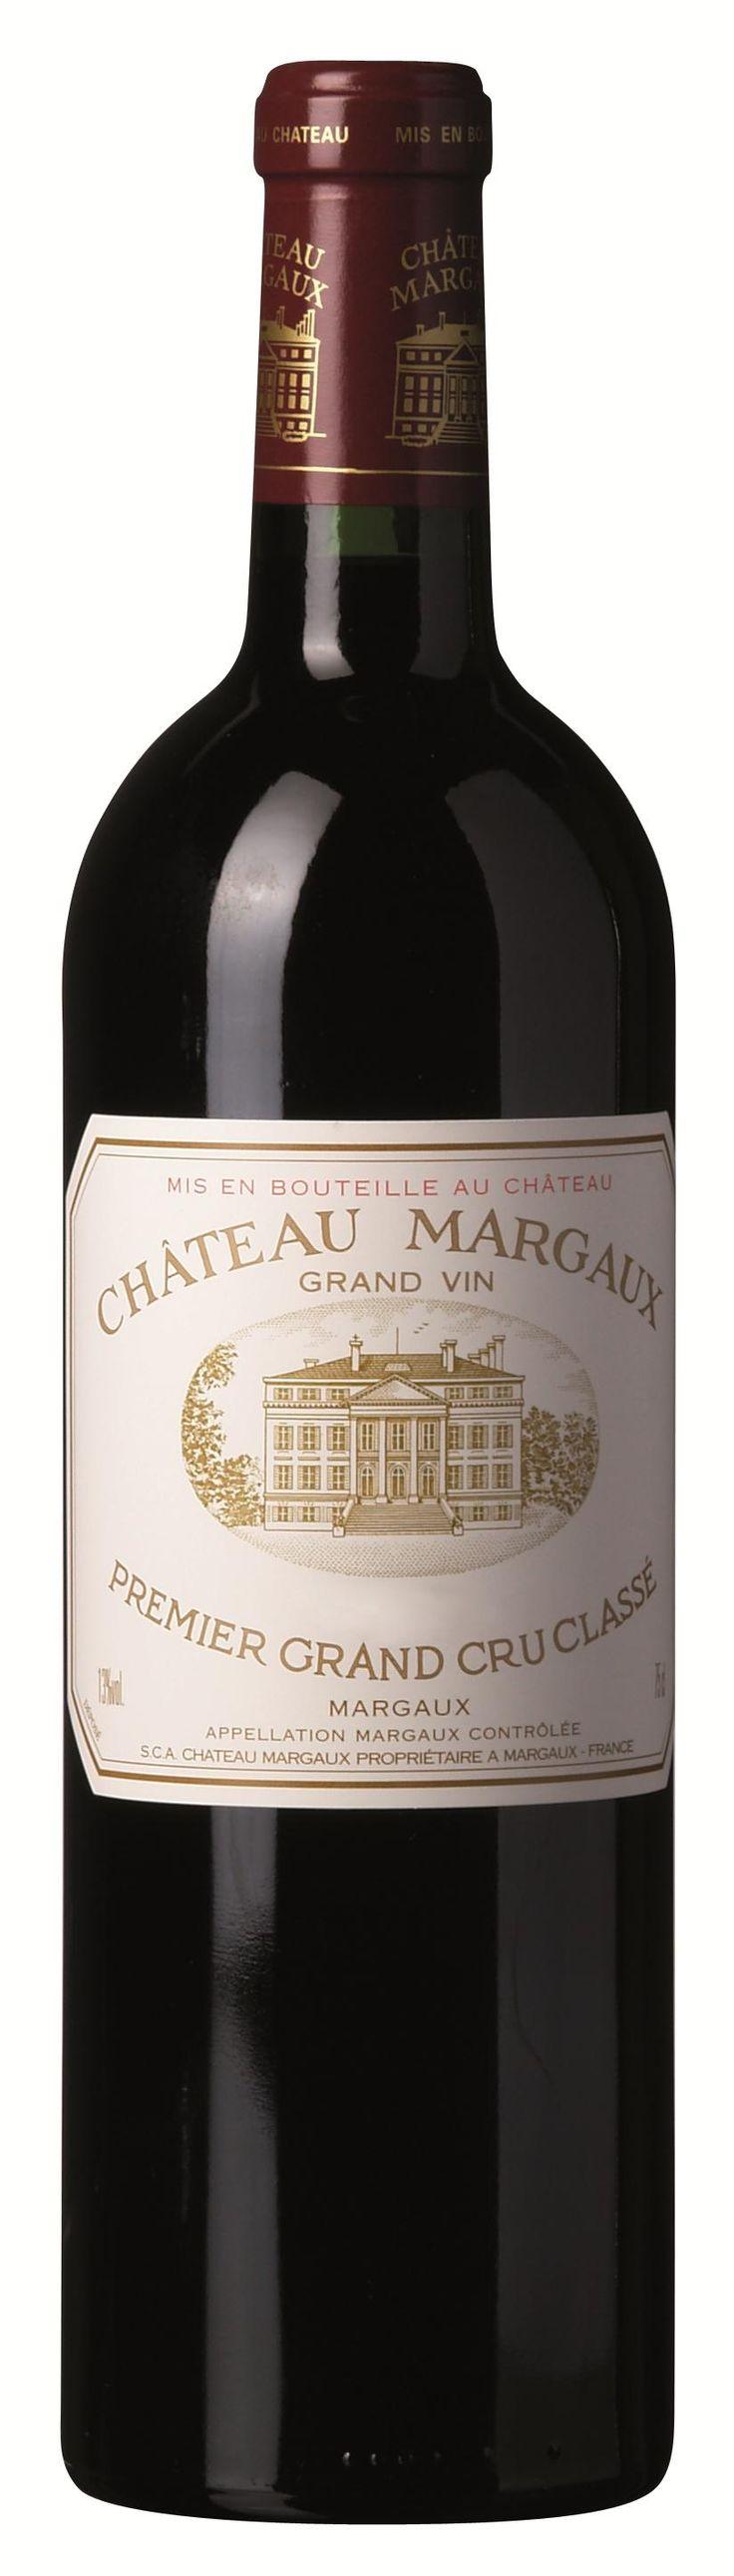 Cabernet sauvignon merlot cabernet franc petit for Chateau margaux